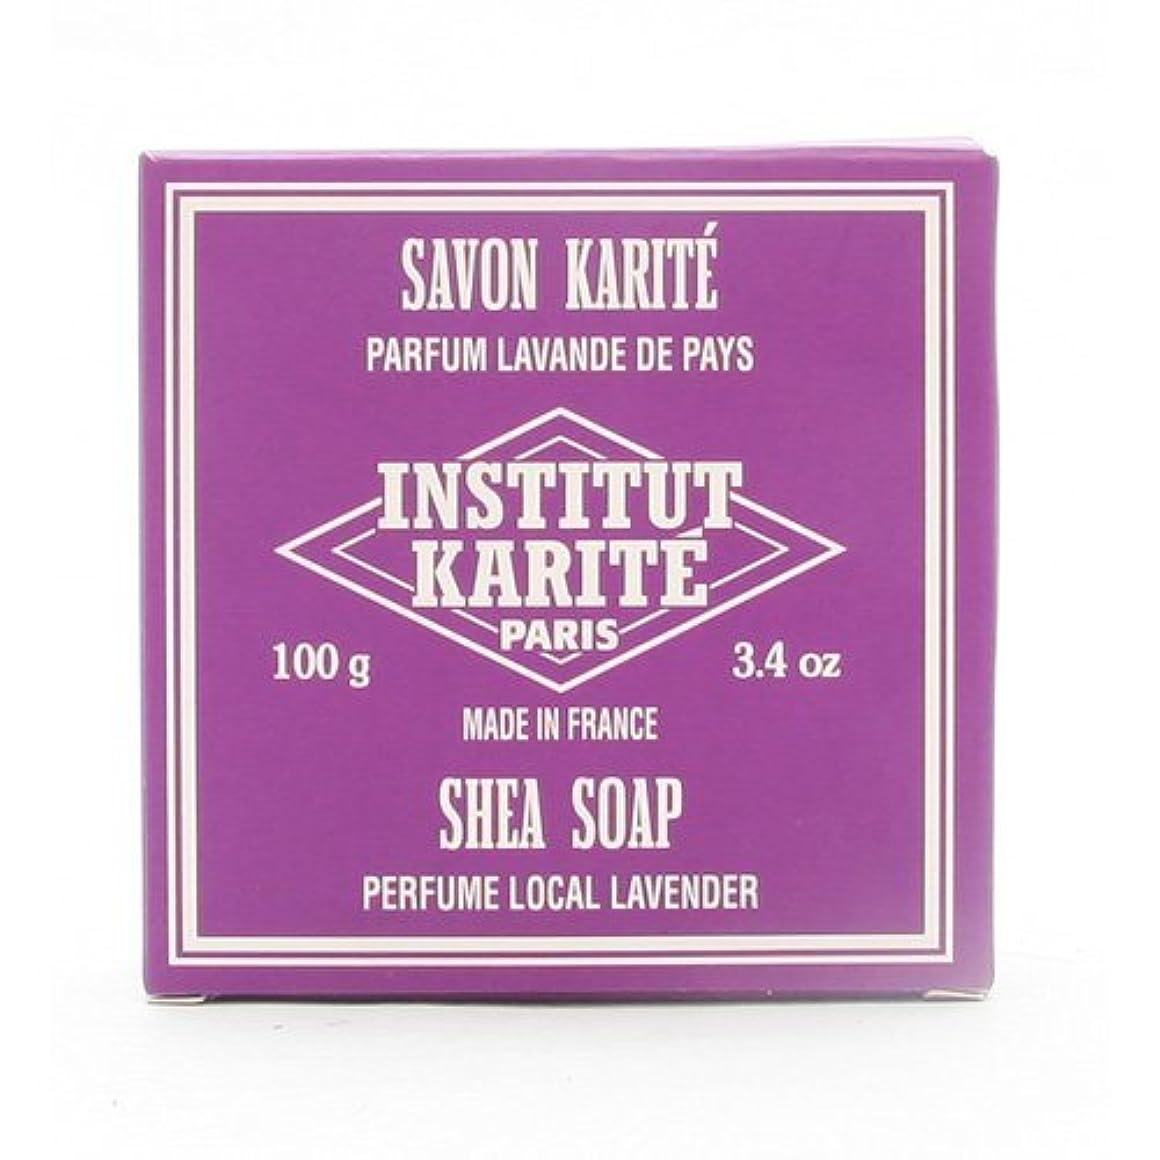 生理マグ程度INSTITUT KARITE インスティテュート カリテ 25% Extra Gentle Soap ジェントルソープ 100g Local Lavender ローカルラベンダー